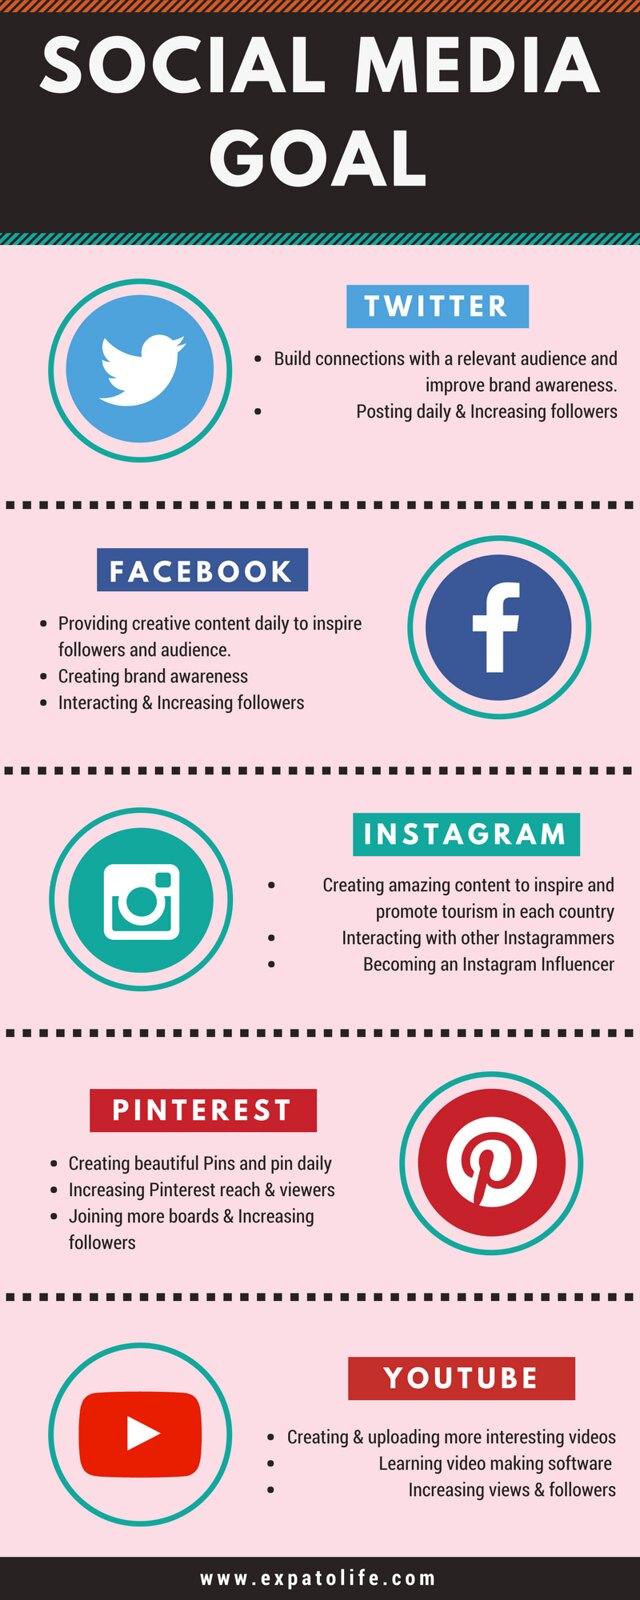 Social Media Goal